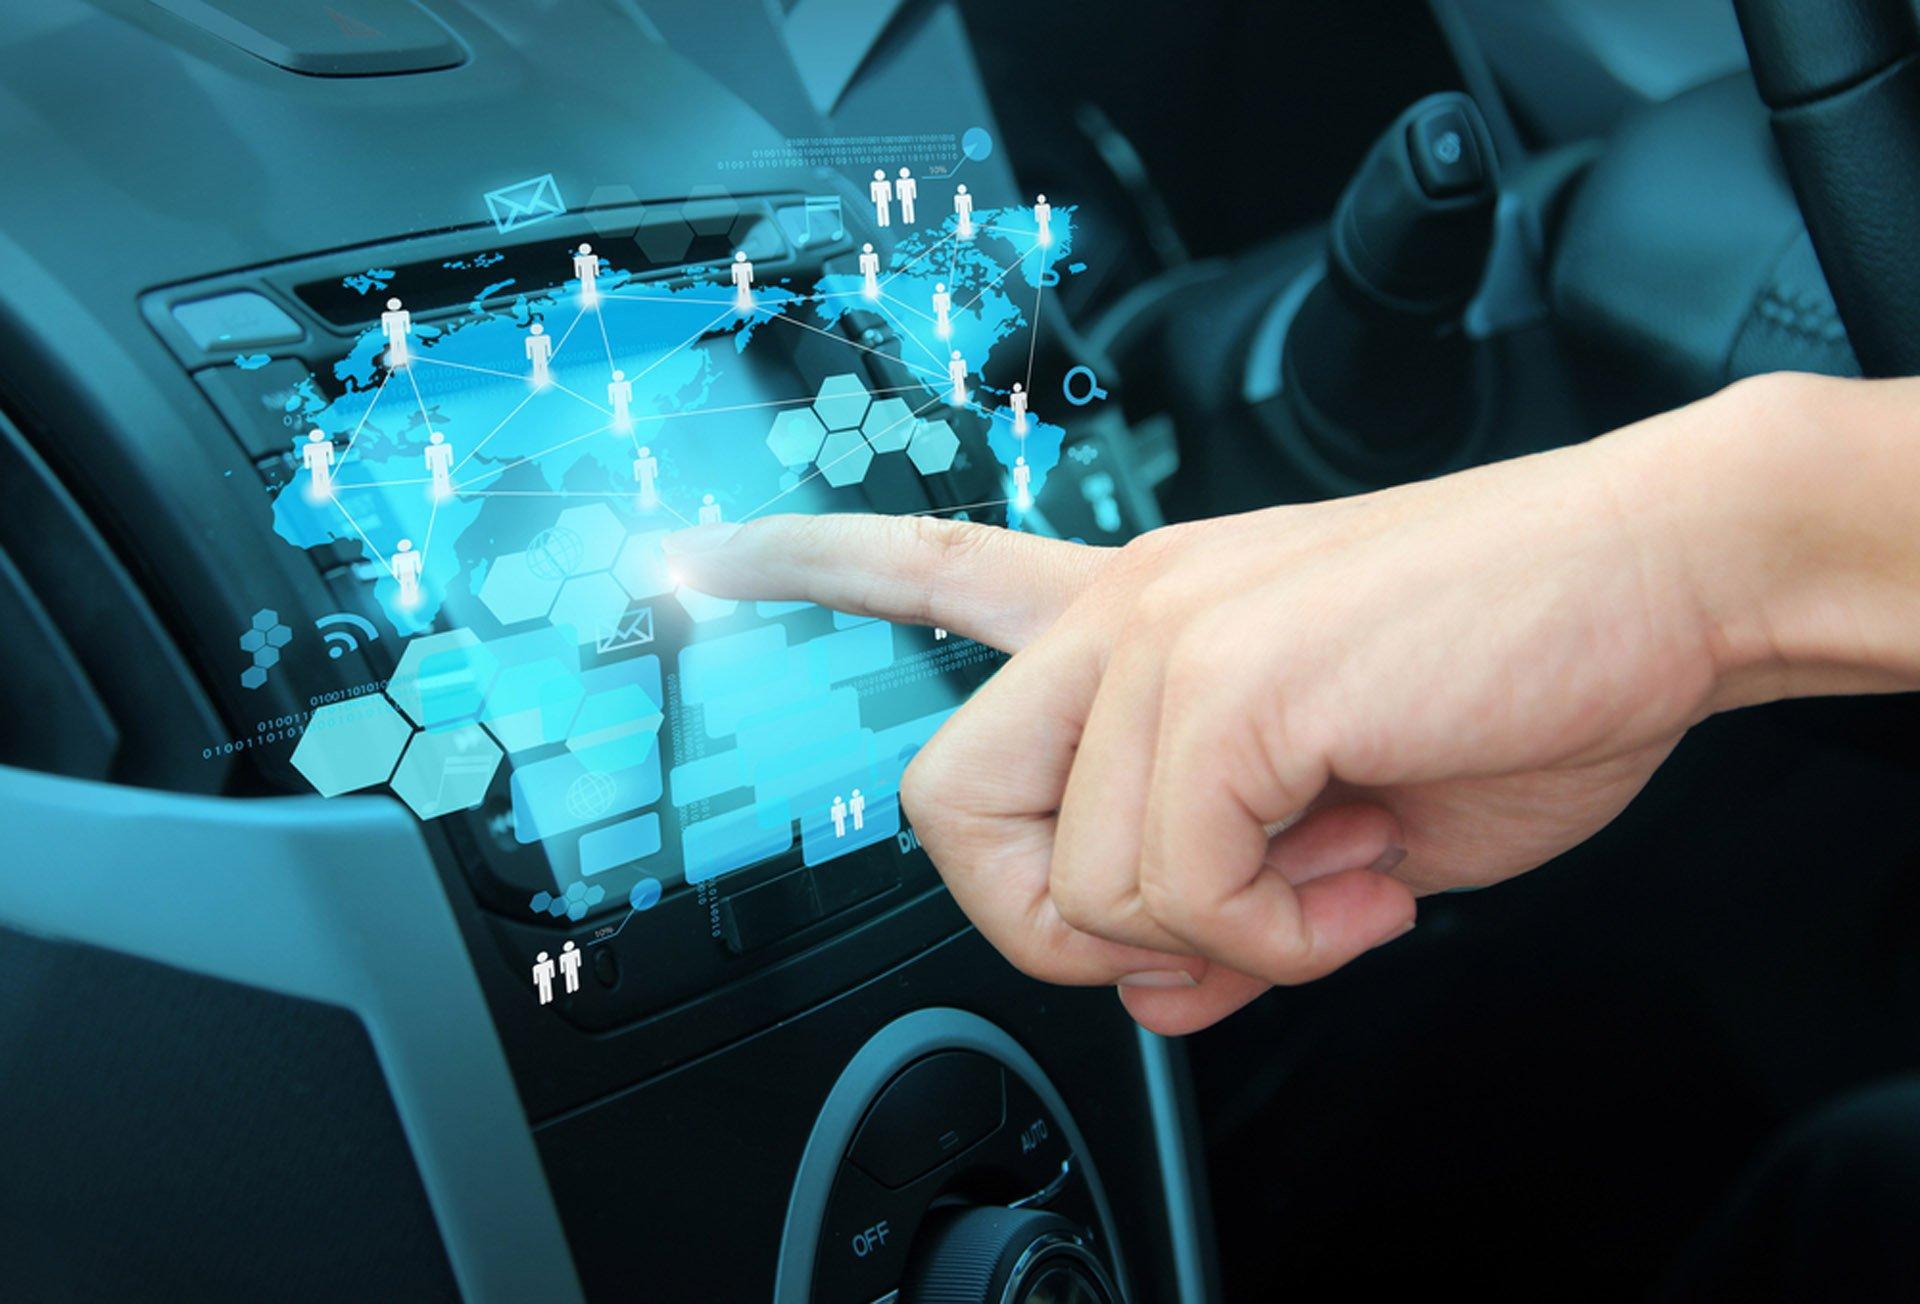 Tecnologia connessa: sei sicuro che ti faccia (soltanto) bene?